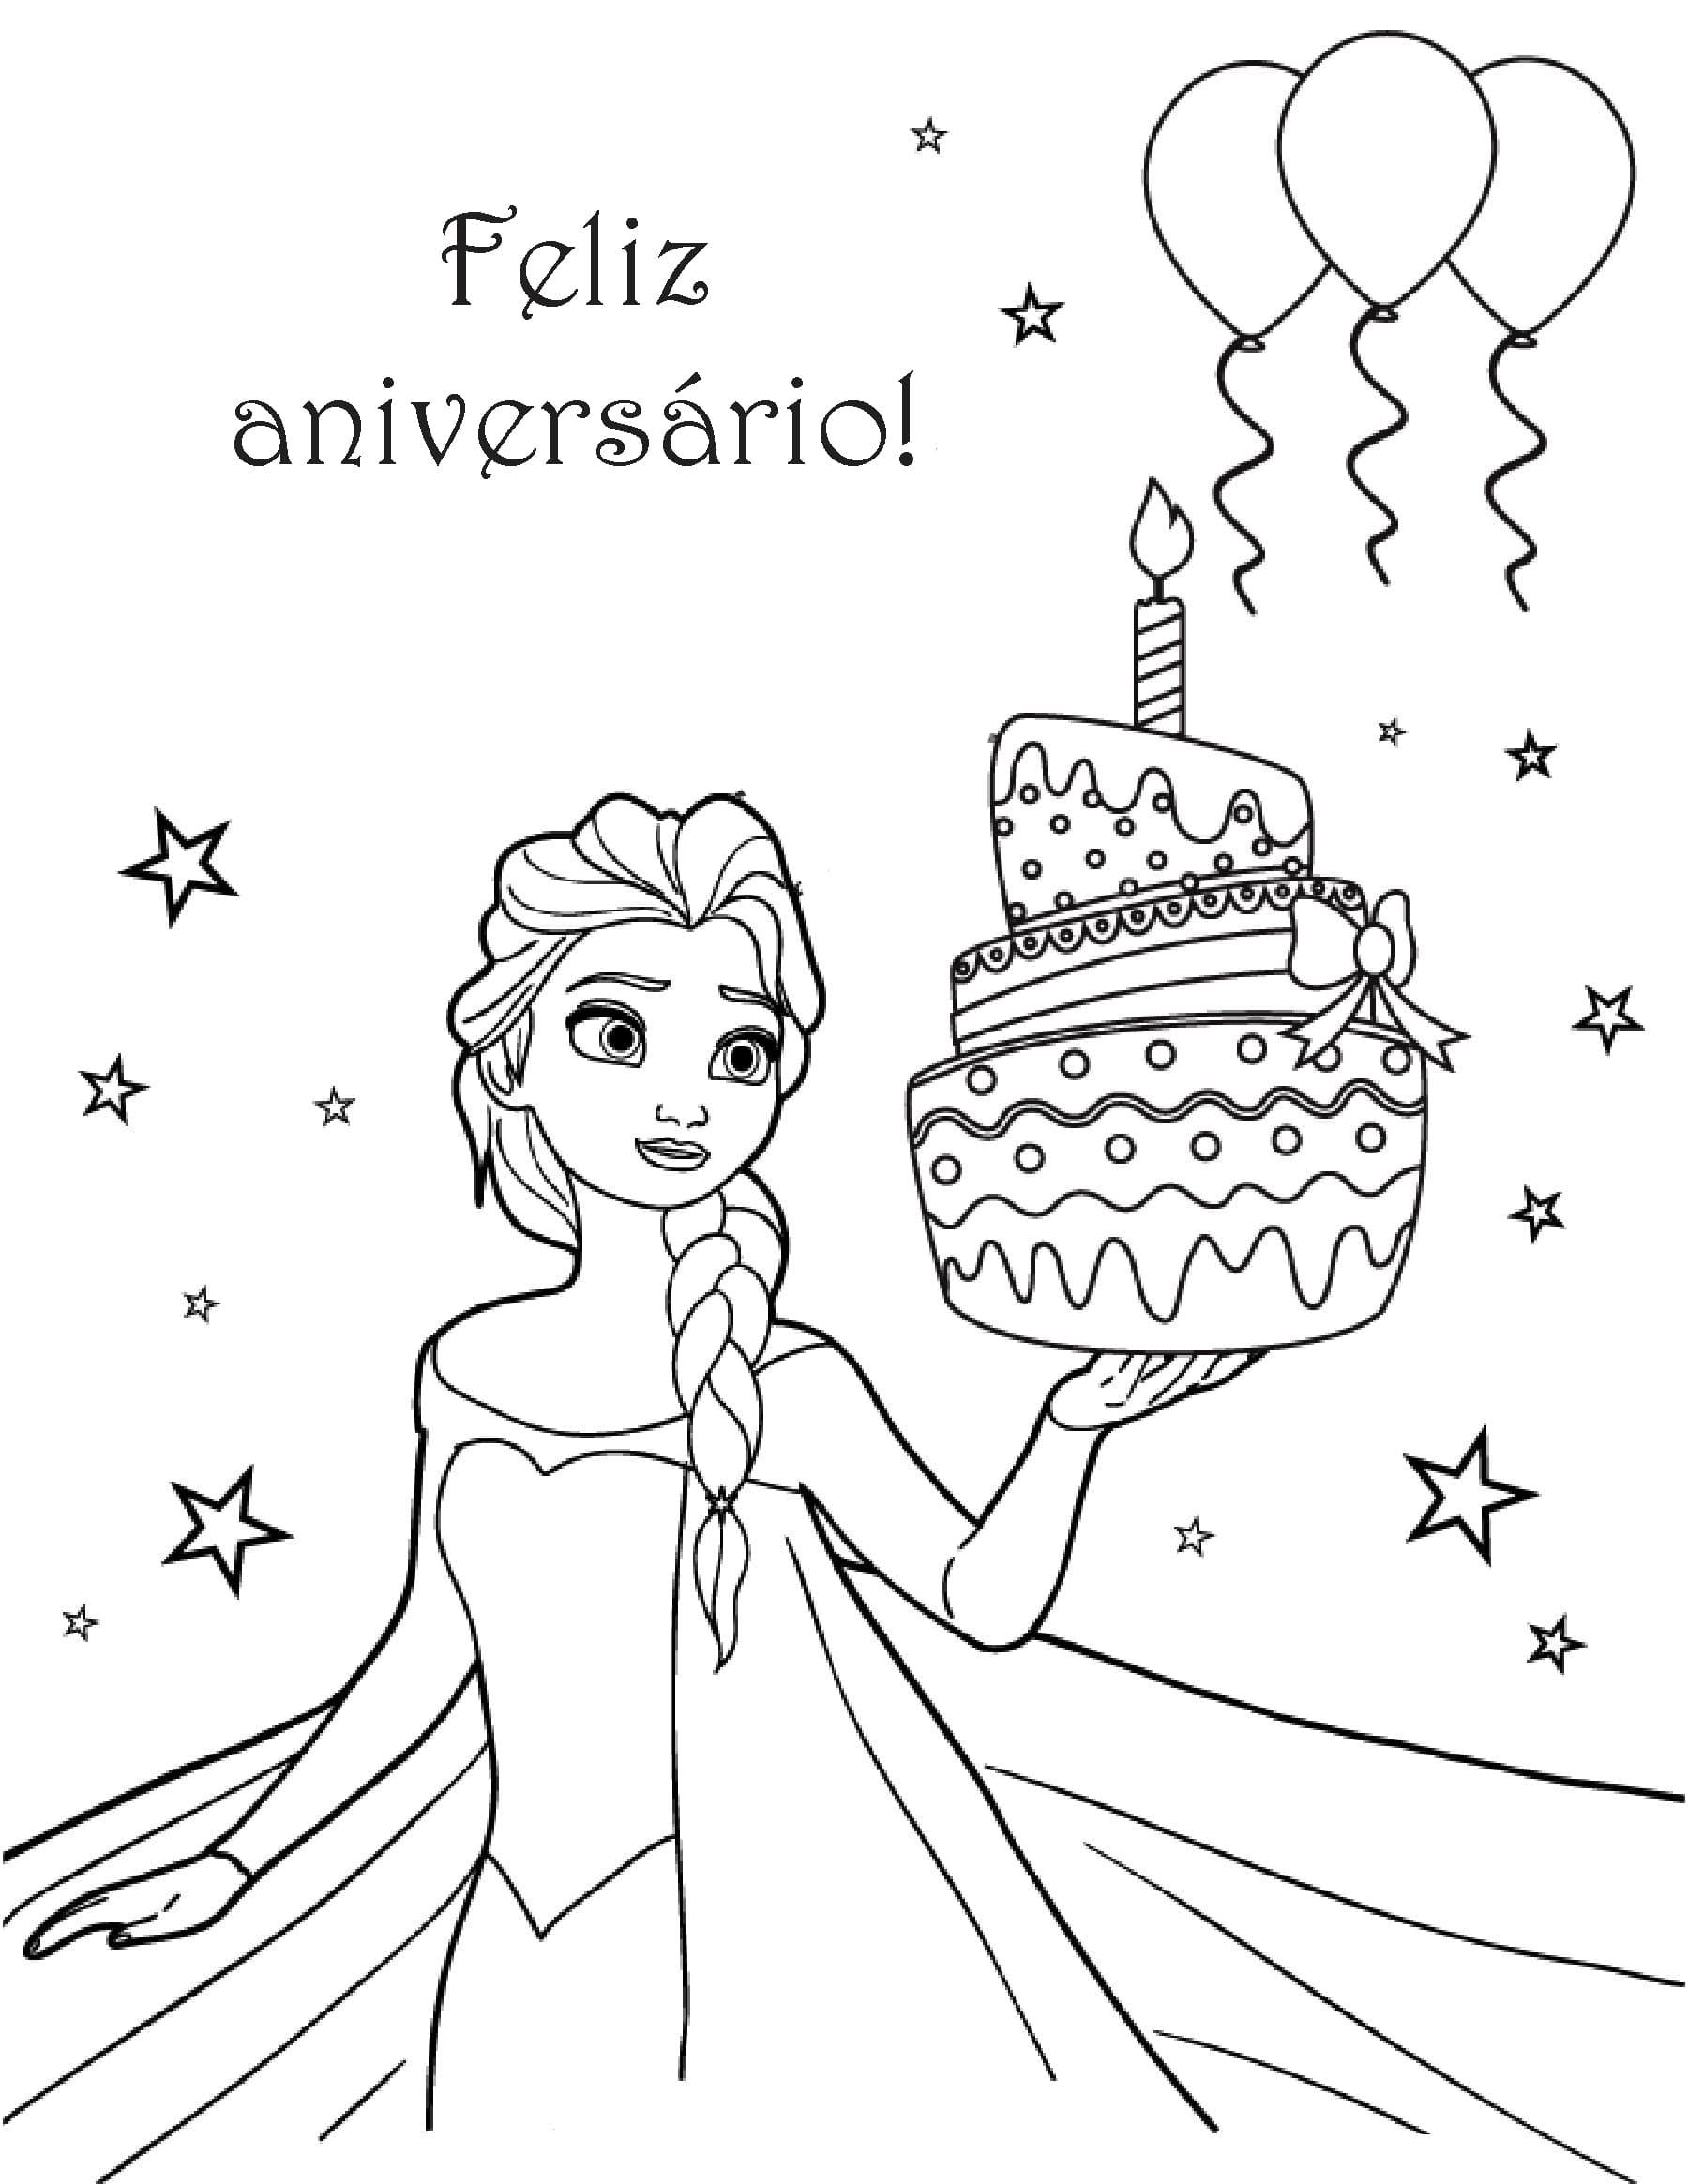 Desenhos De Feliz Aniversario Para Colorir Imprimir Cartao Postal